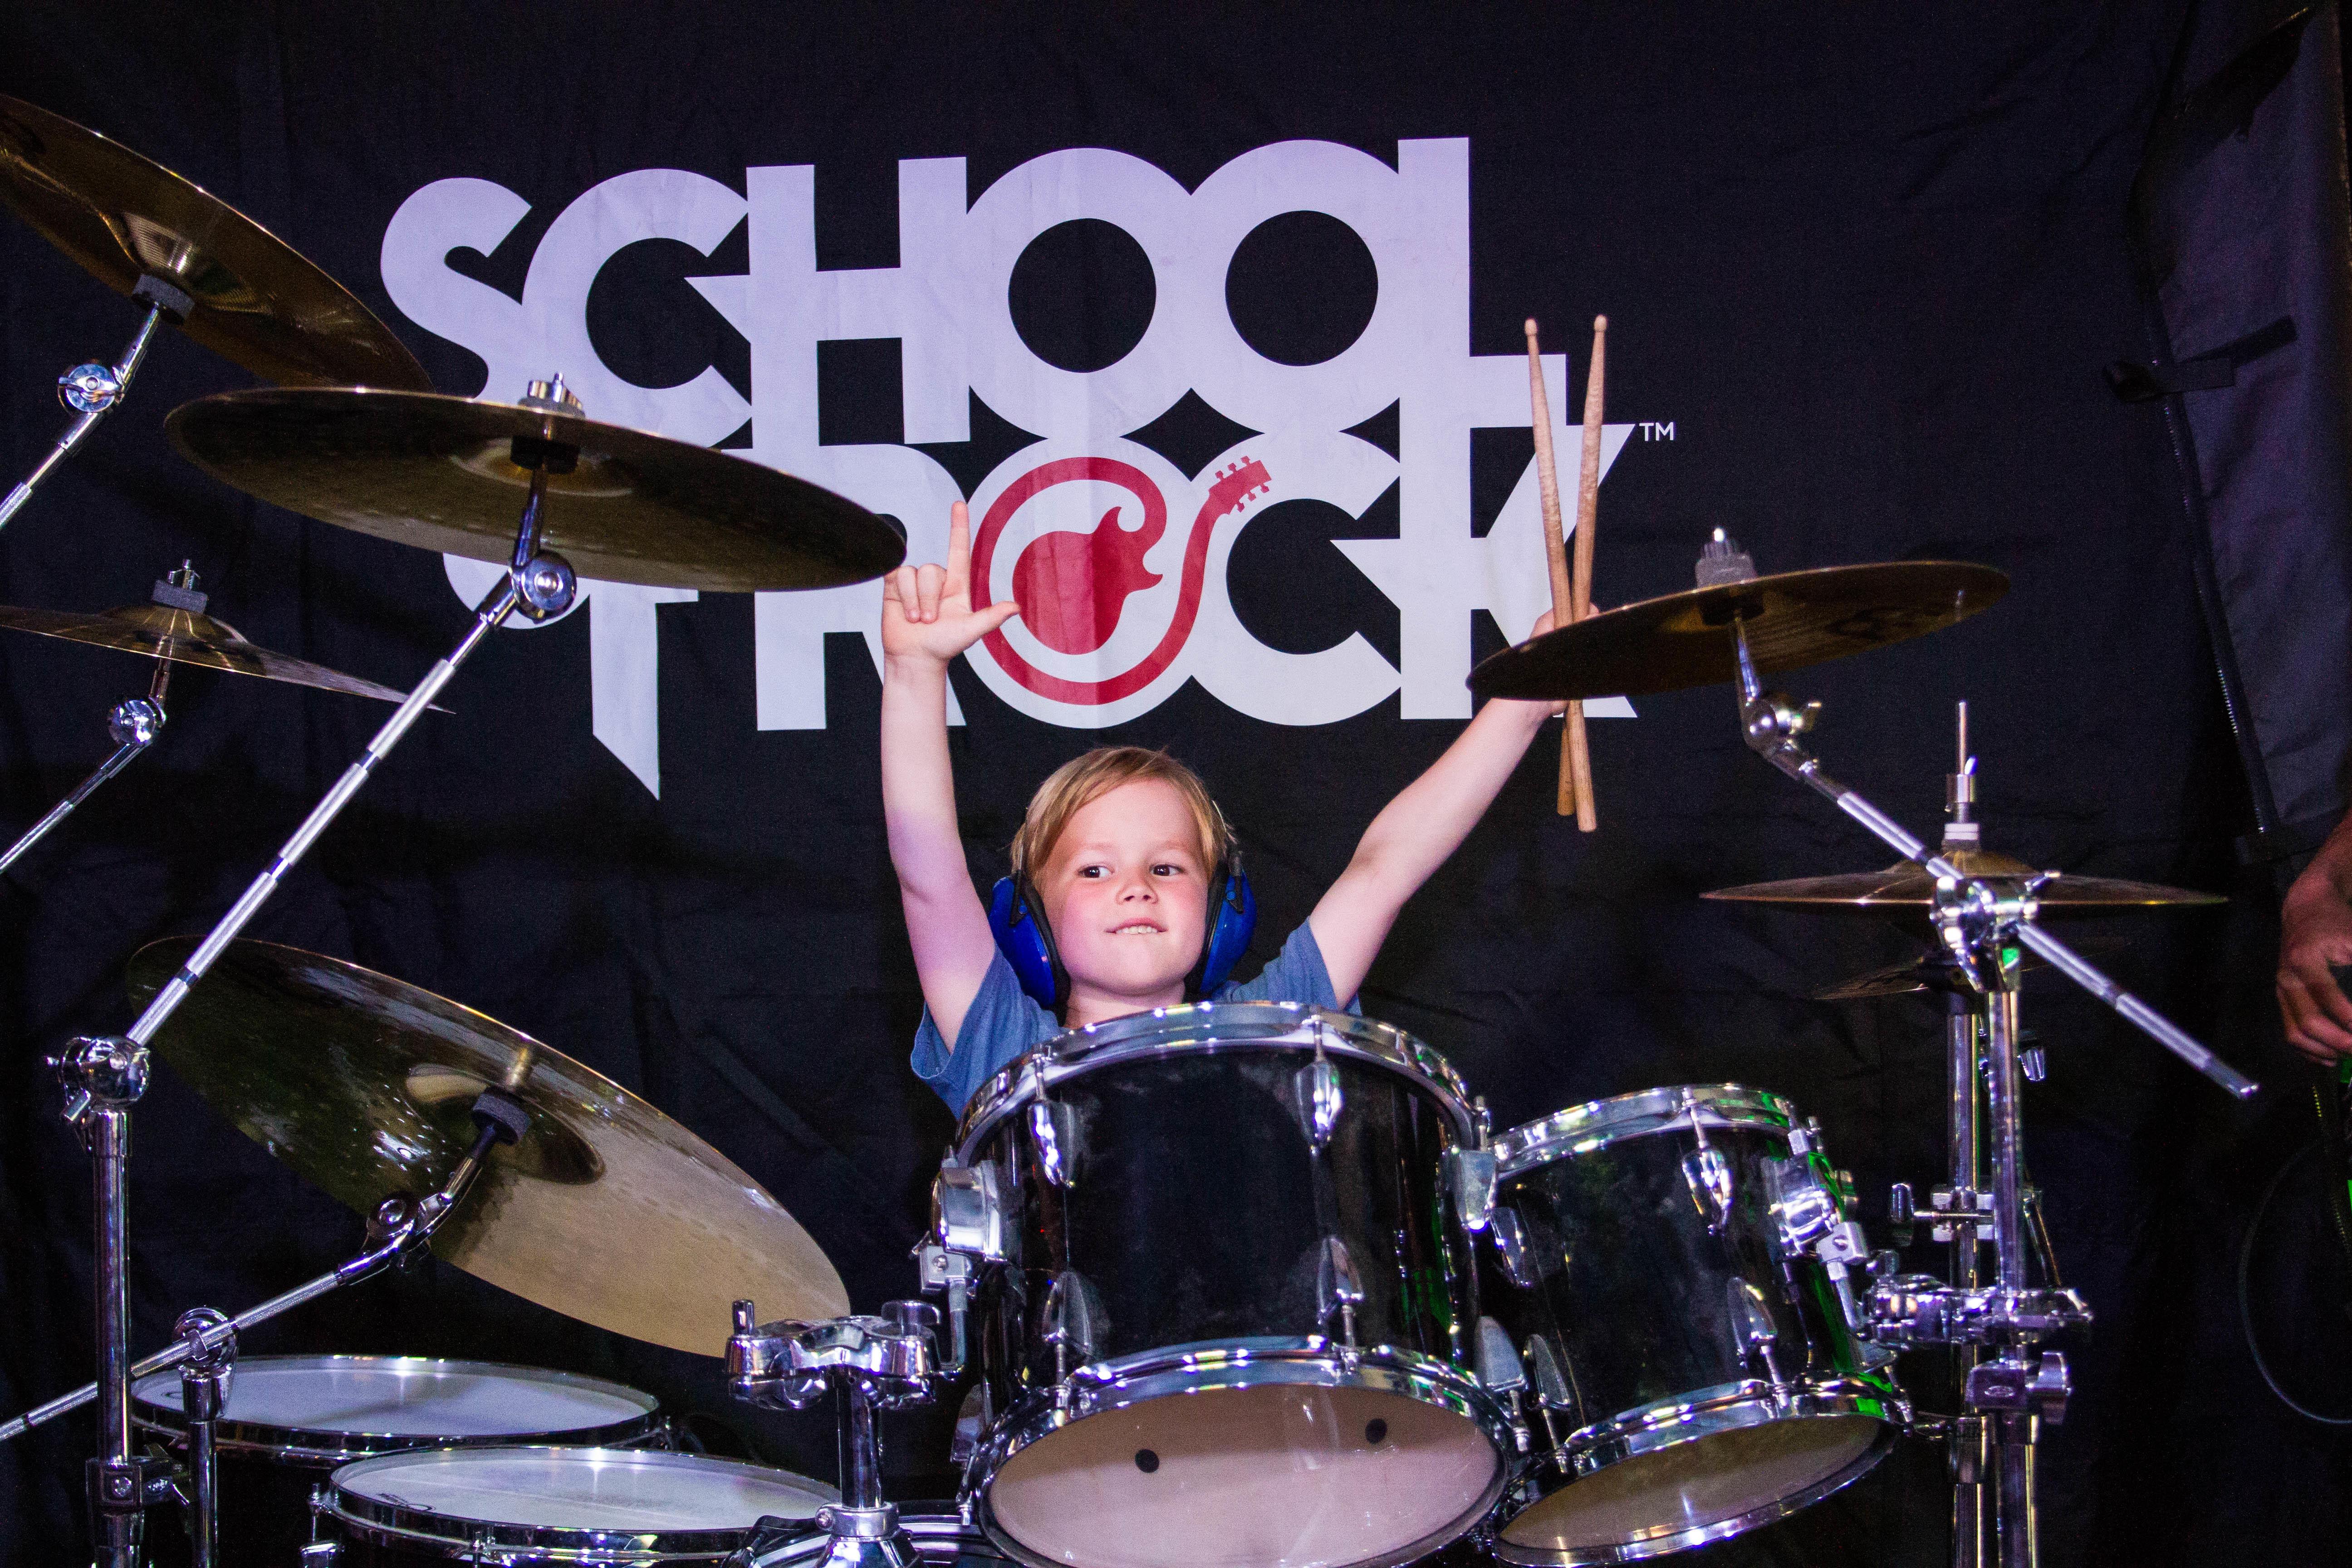 School of Rock Burbank image 12